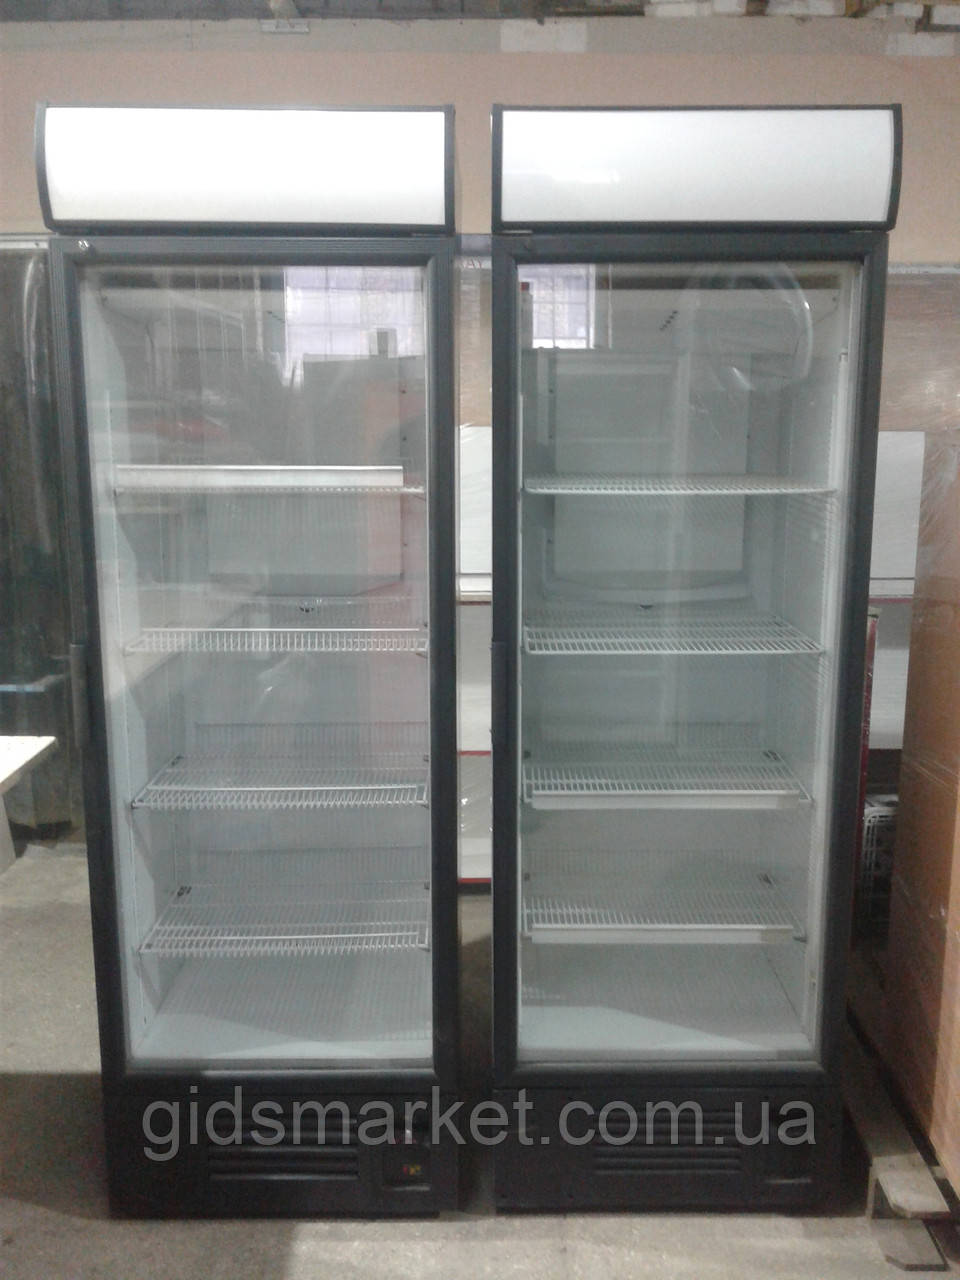 Холодильный шкаф Интер 390 л. бу. витринный шкаф бу.